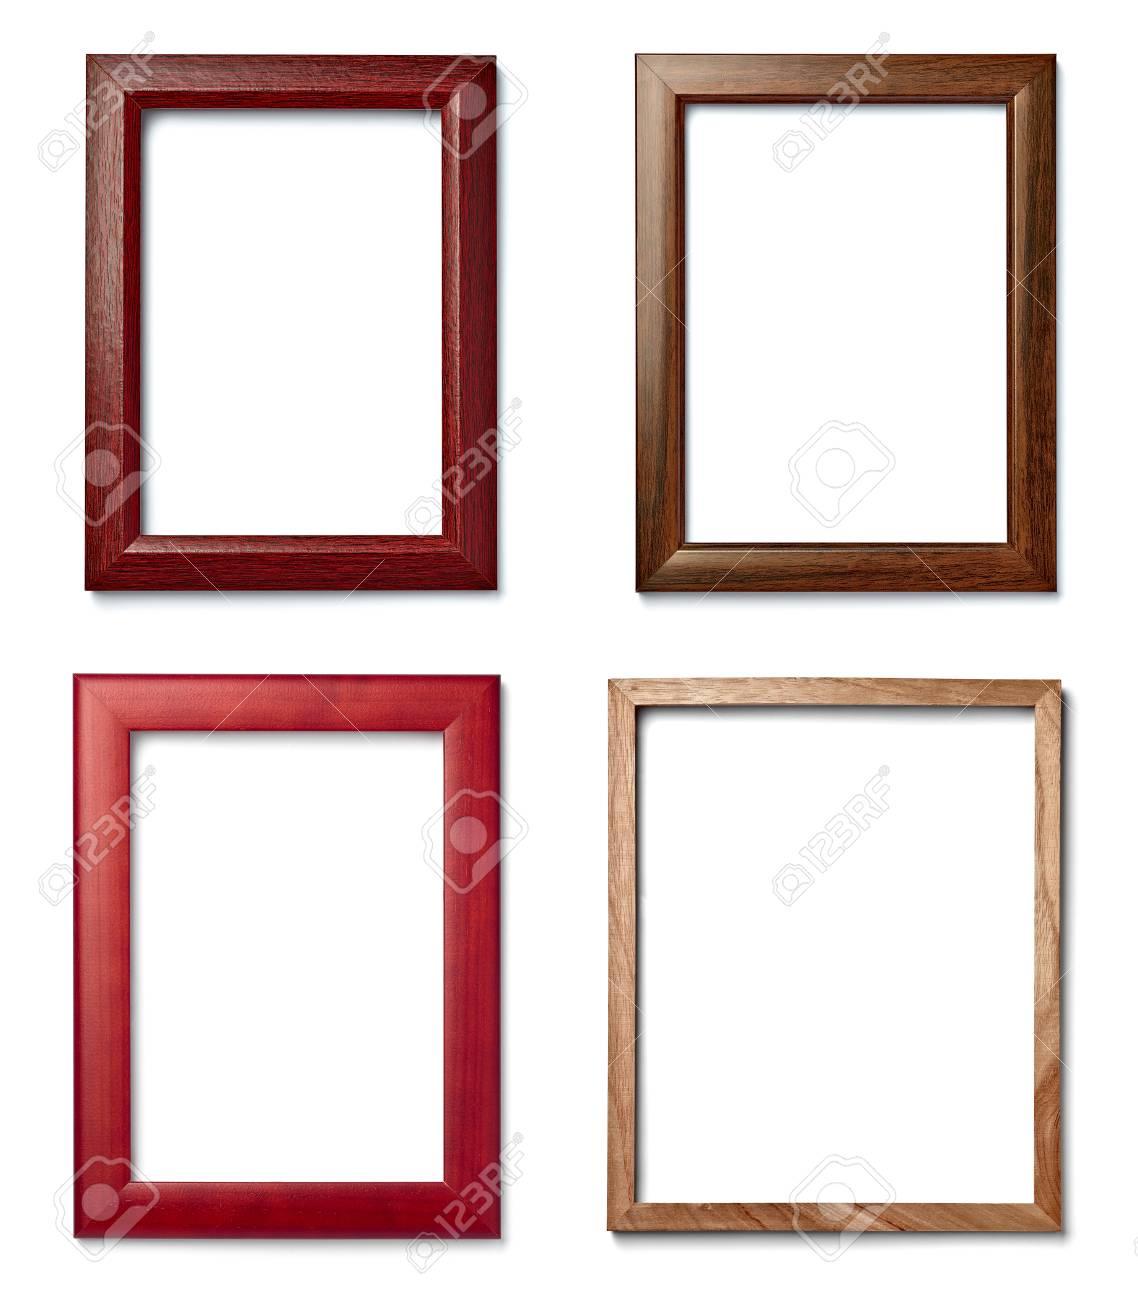 Sammlung Von Verschiedenen Vintage-Holz-Rahmen Auf Weißem ...